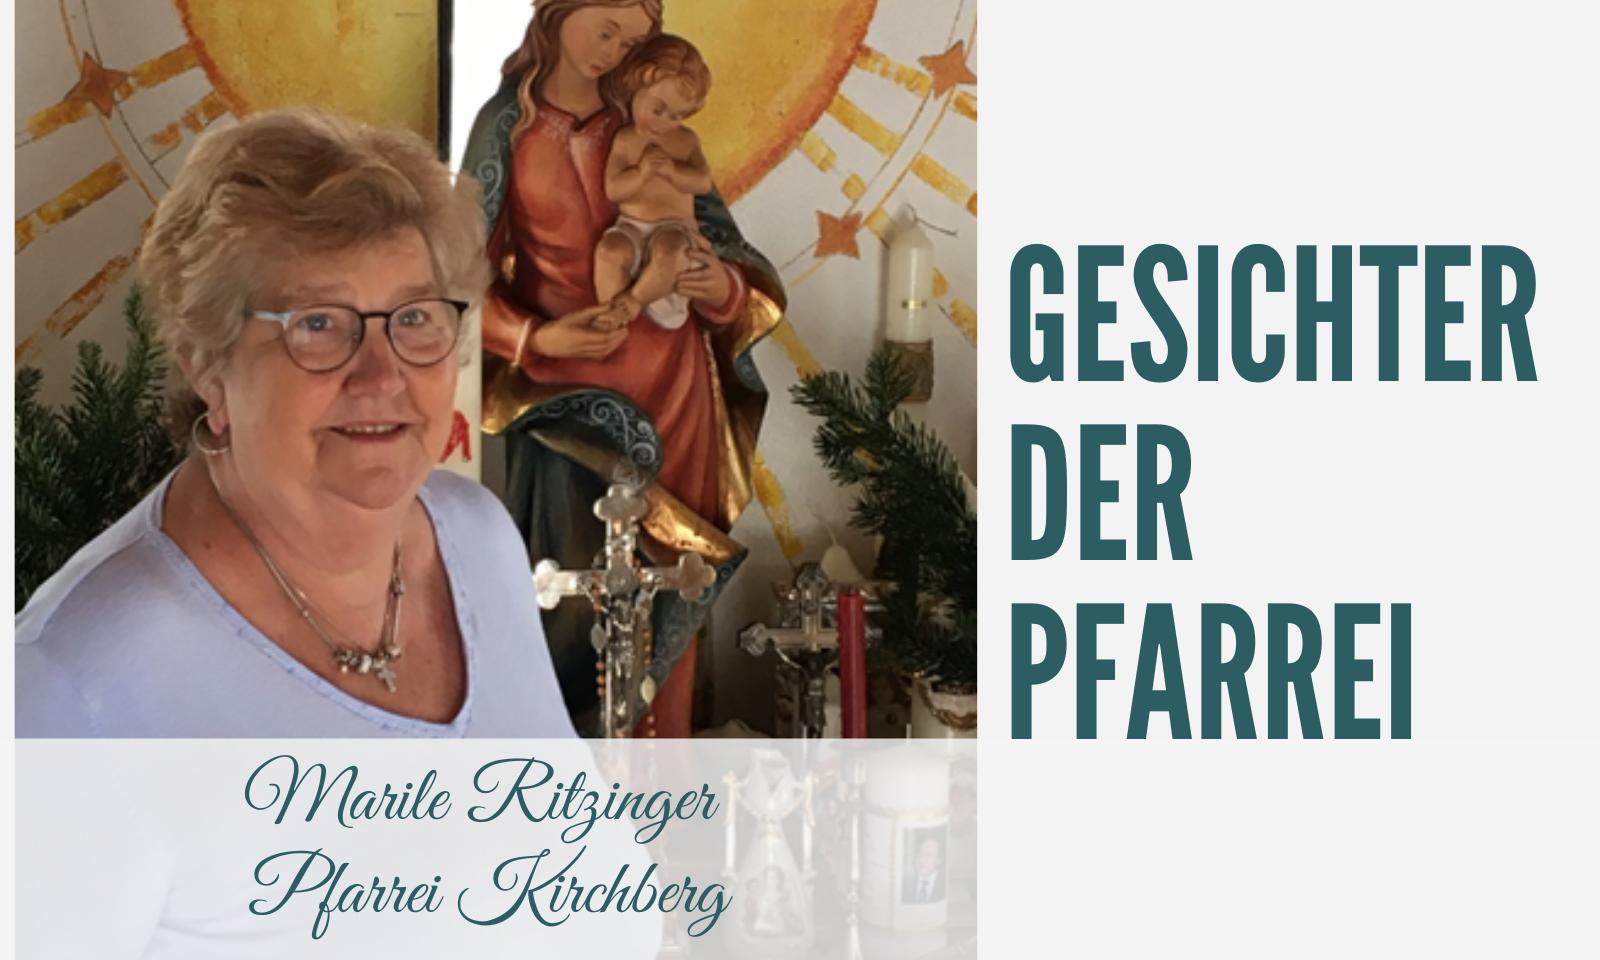 2021 02 Gesichter der Pfarrei Ritzinger